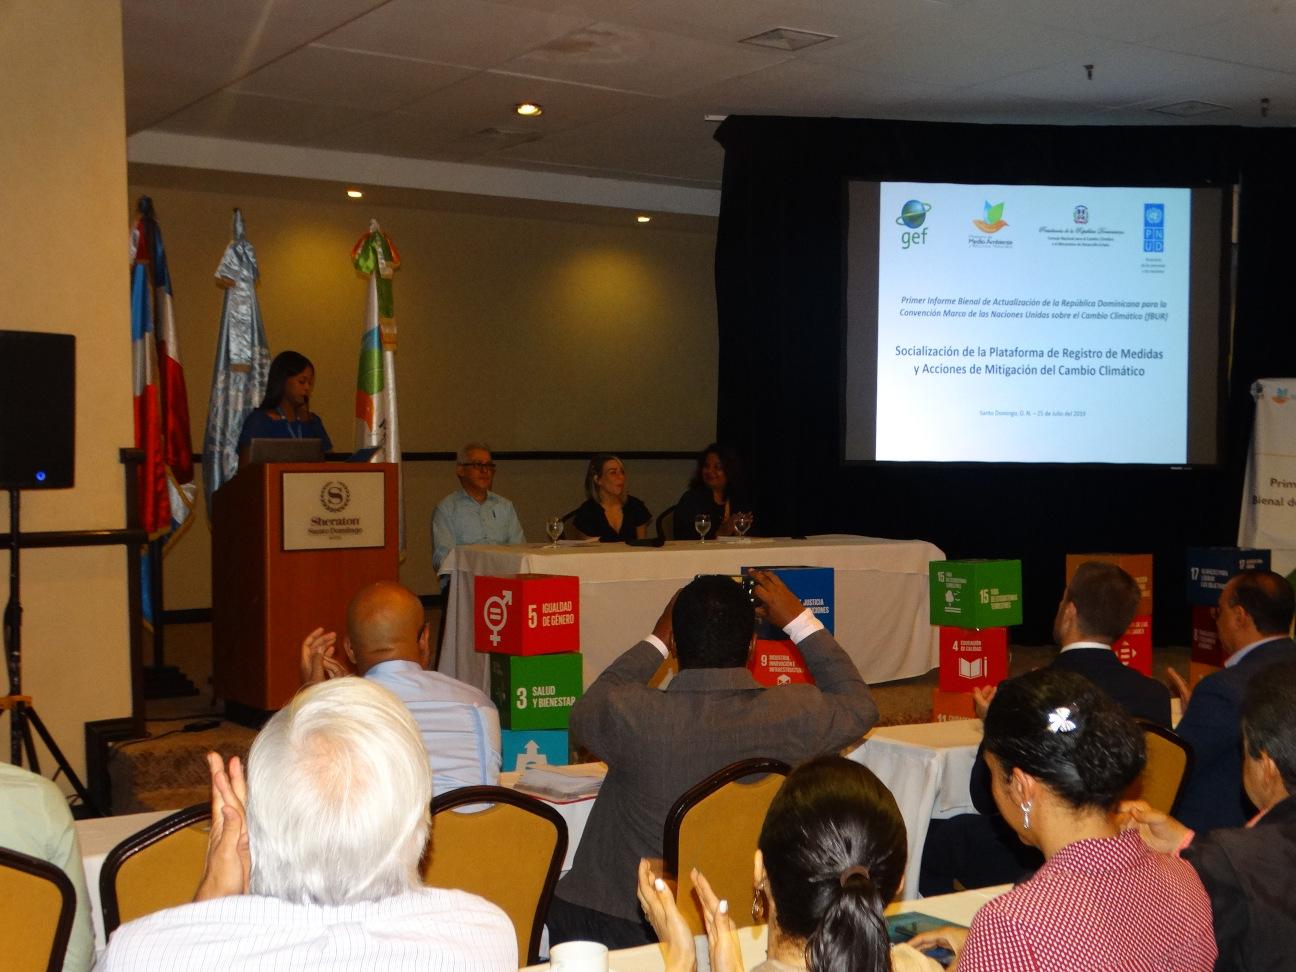 GOBIERNO DOMINICANO PRESENTA PLATAFORMA PÚBLICA PARA REGISTRAR LAS INICIATIVAS DE CAMBIO CLIMÁTICO